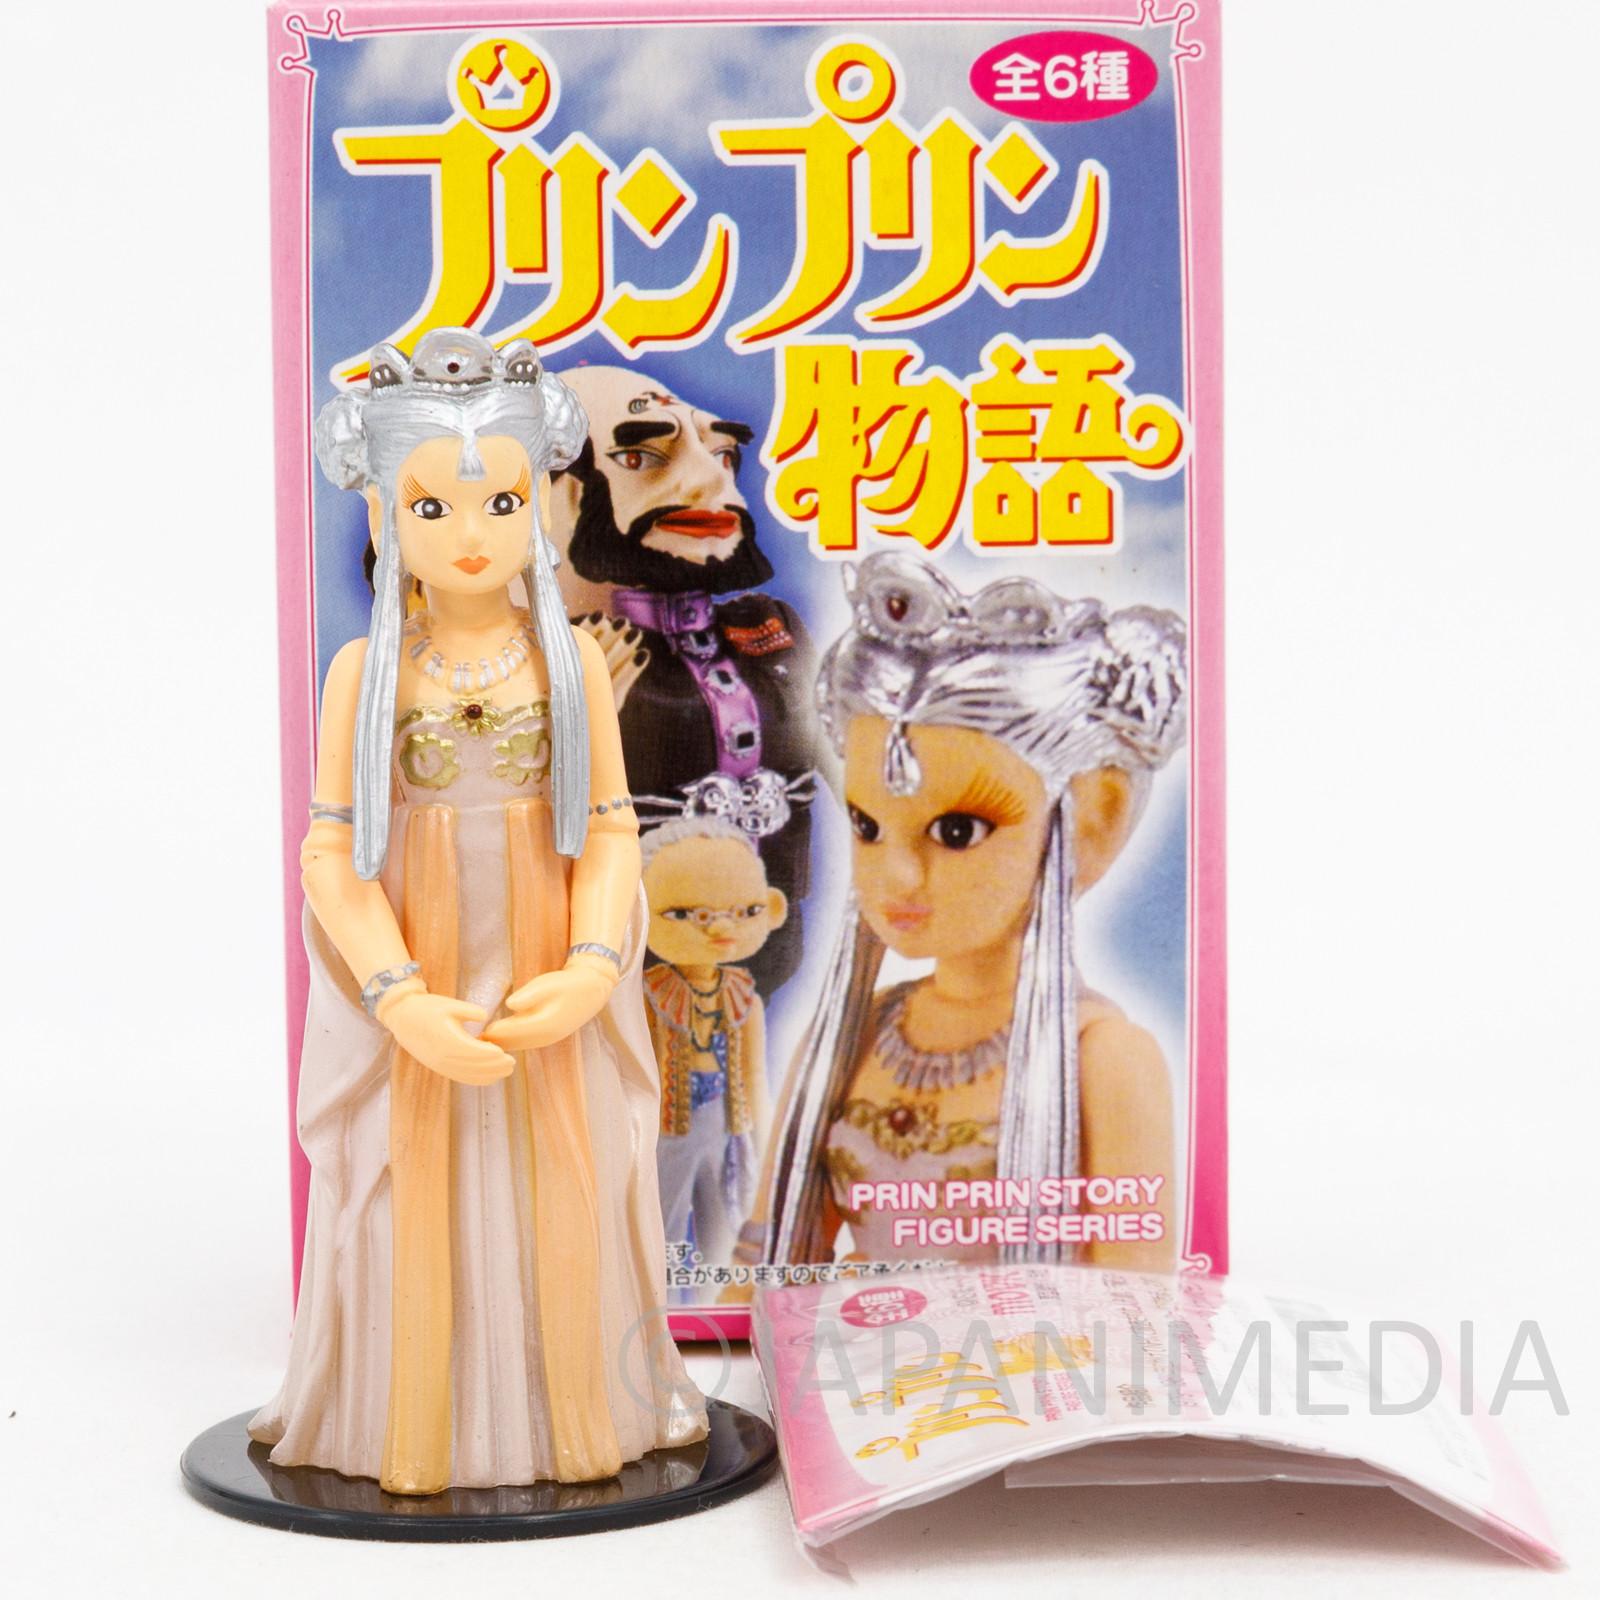 Purin Purin Monogatari Purin Purin Figure Puppet Show NHK TV JAPAN ANIME